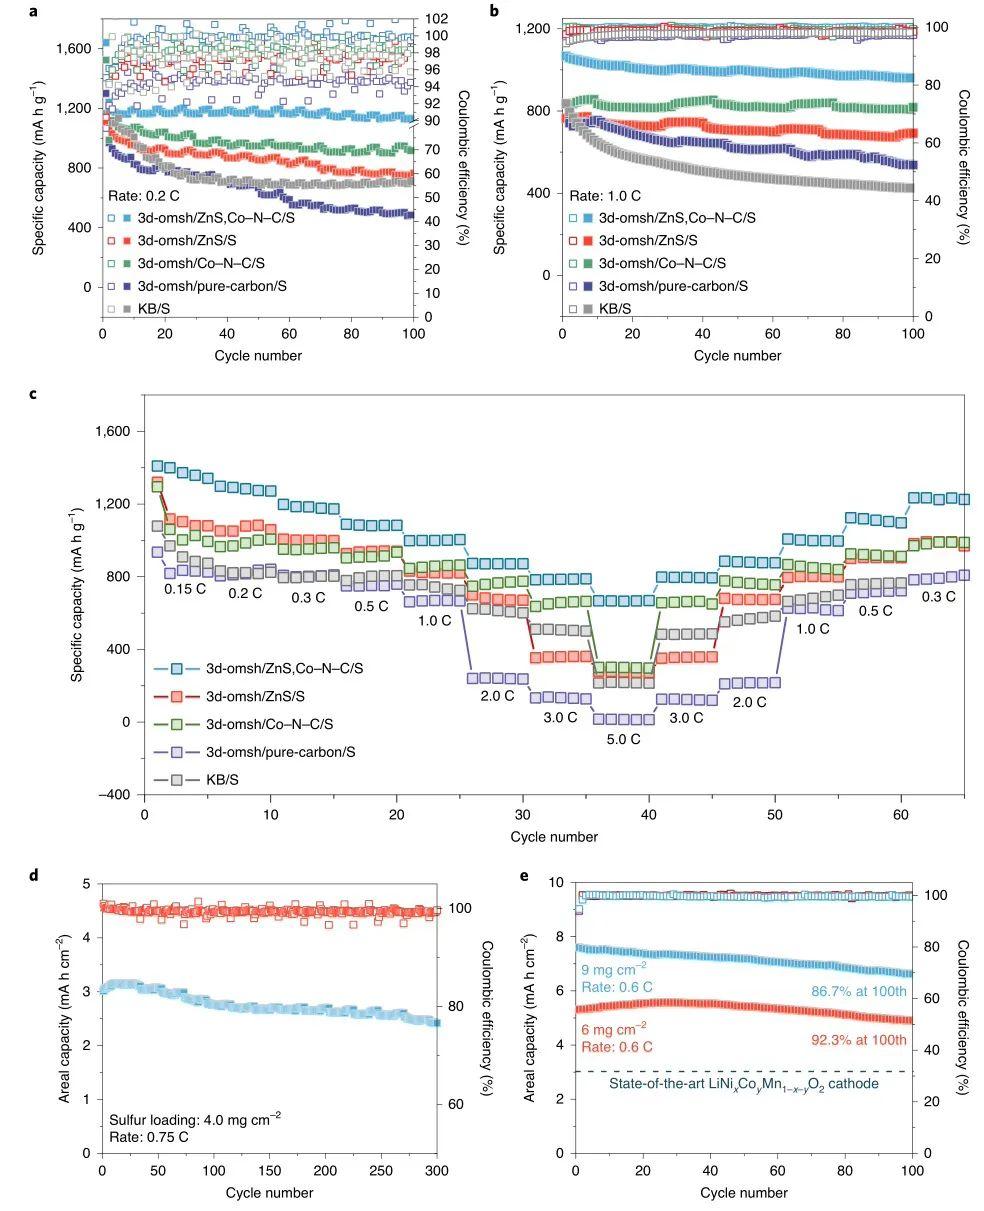 阿贡国家实验室&香港科大Nature子刊:双催化位点强化锂硫软包电池性能